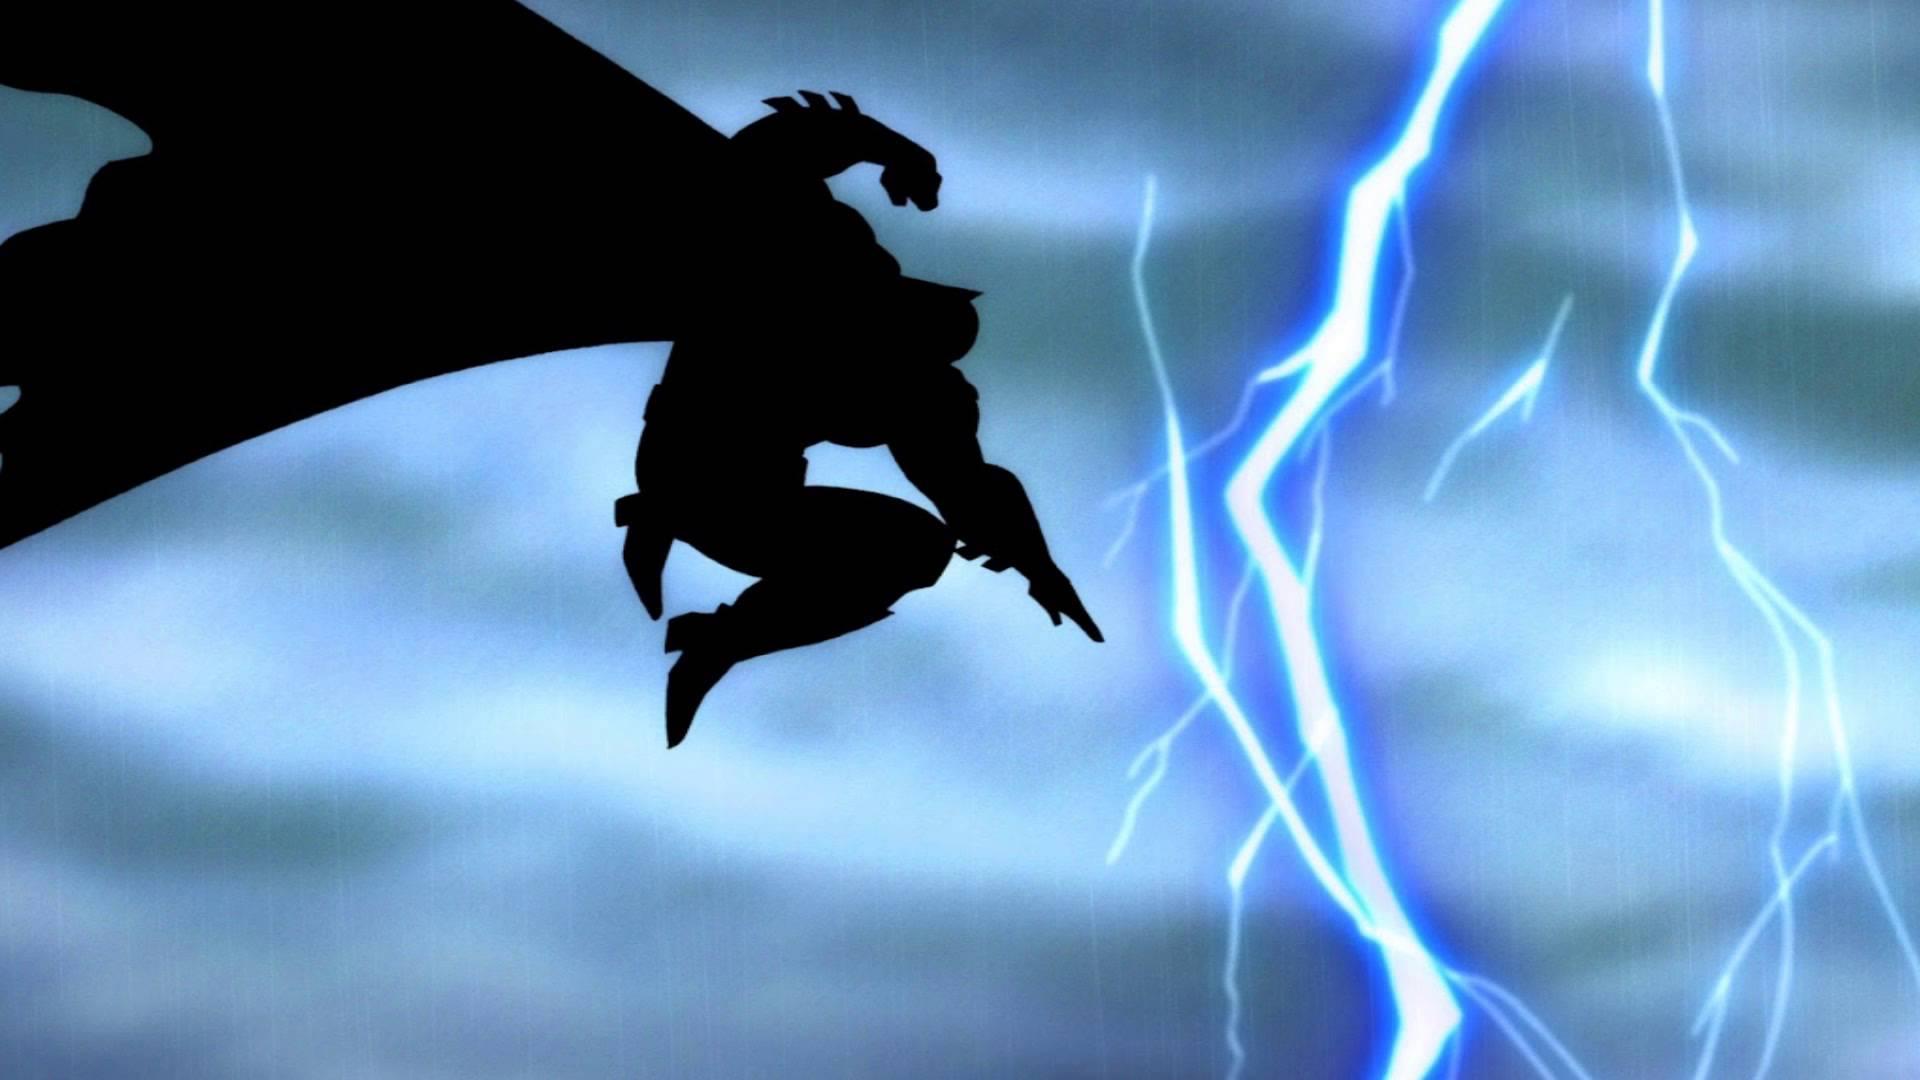 Comics   Batman The Dark Knight Returns Dark Knight Batman Wallpaper 1920x1080